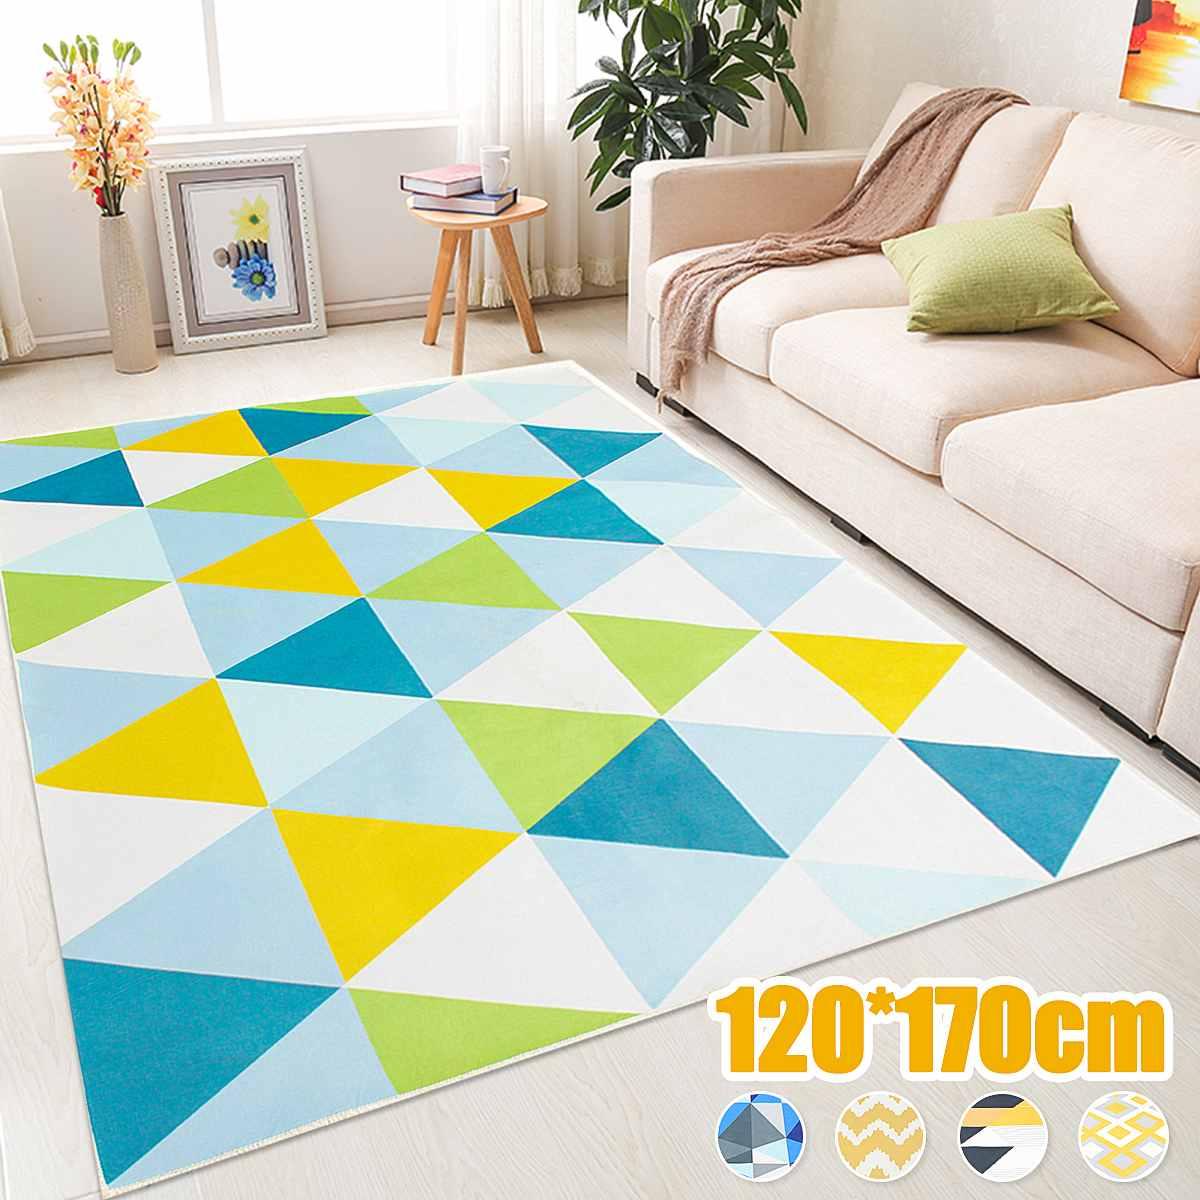 120x170cm tapis pour salon décor Style nordique 3D imprimé chambre maison canapé tapis Table Yoga tapis salle de bain tapis antidérapant